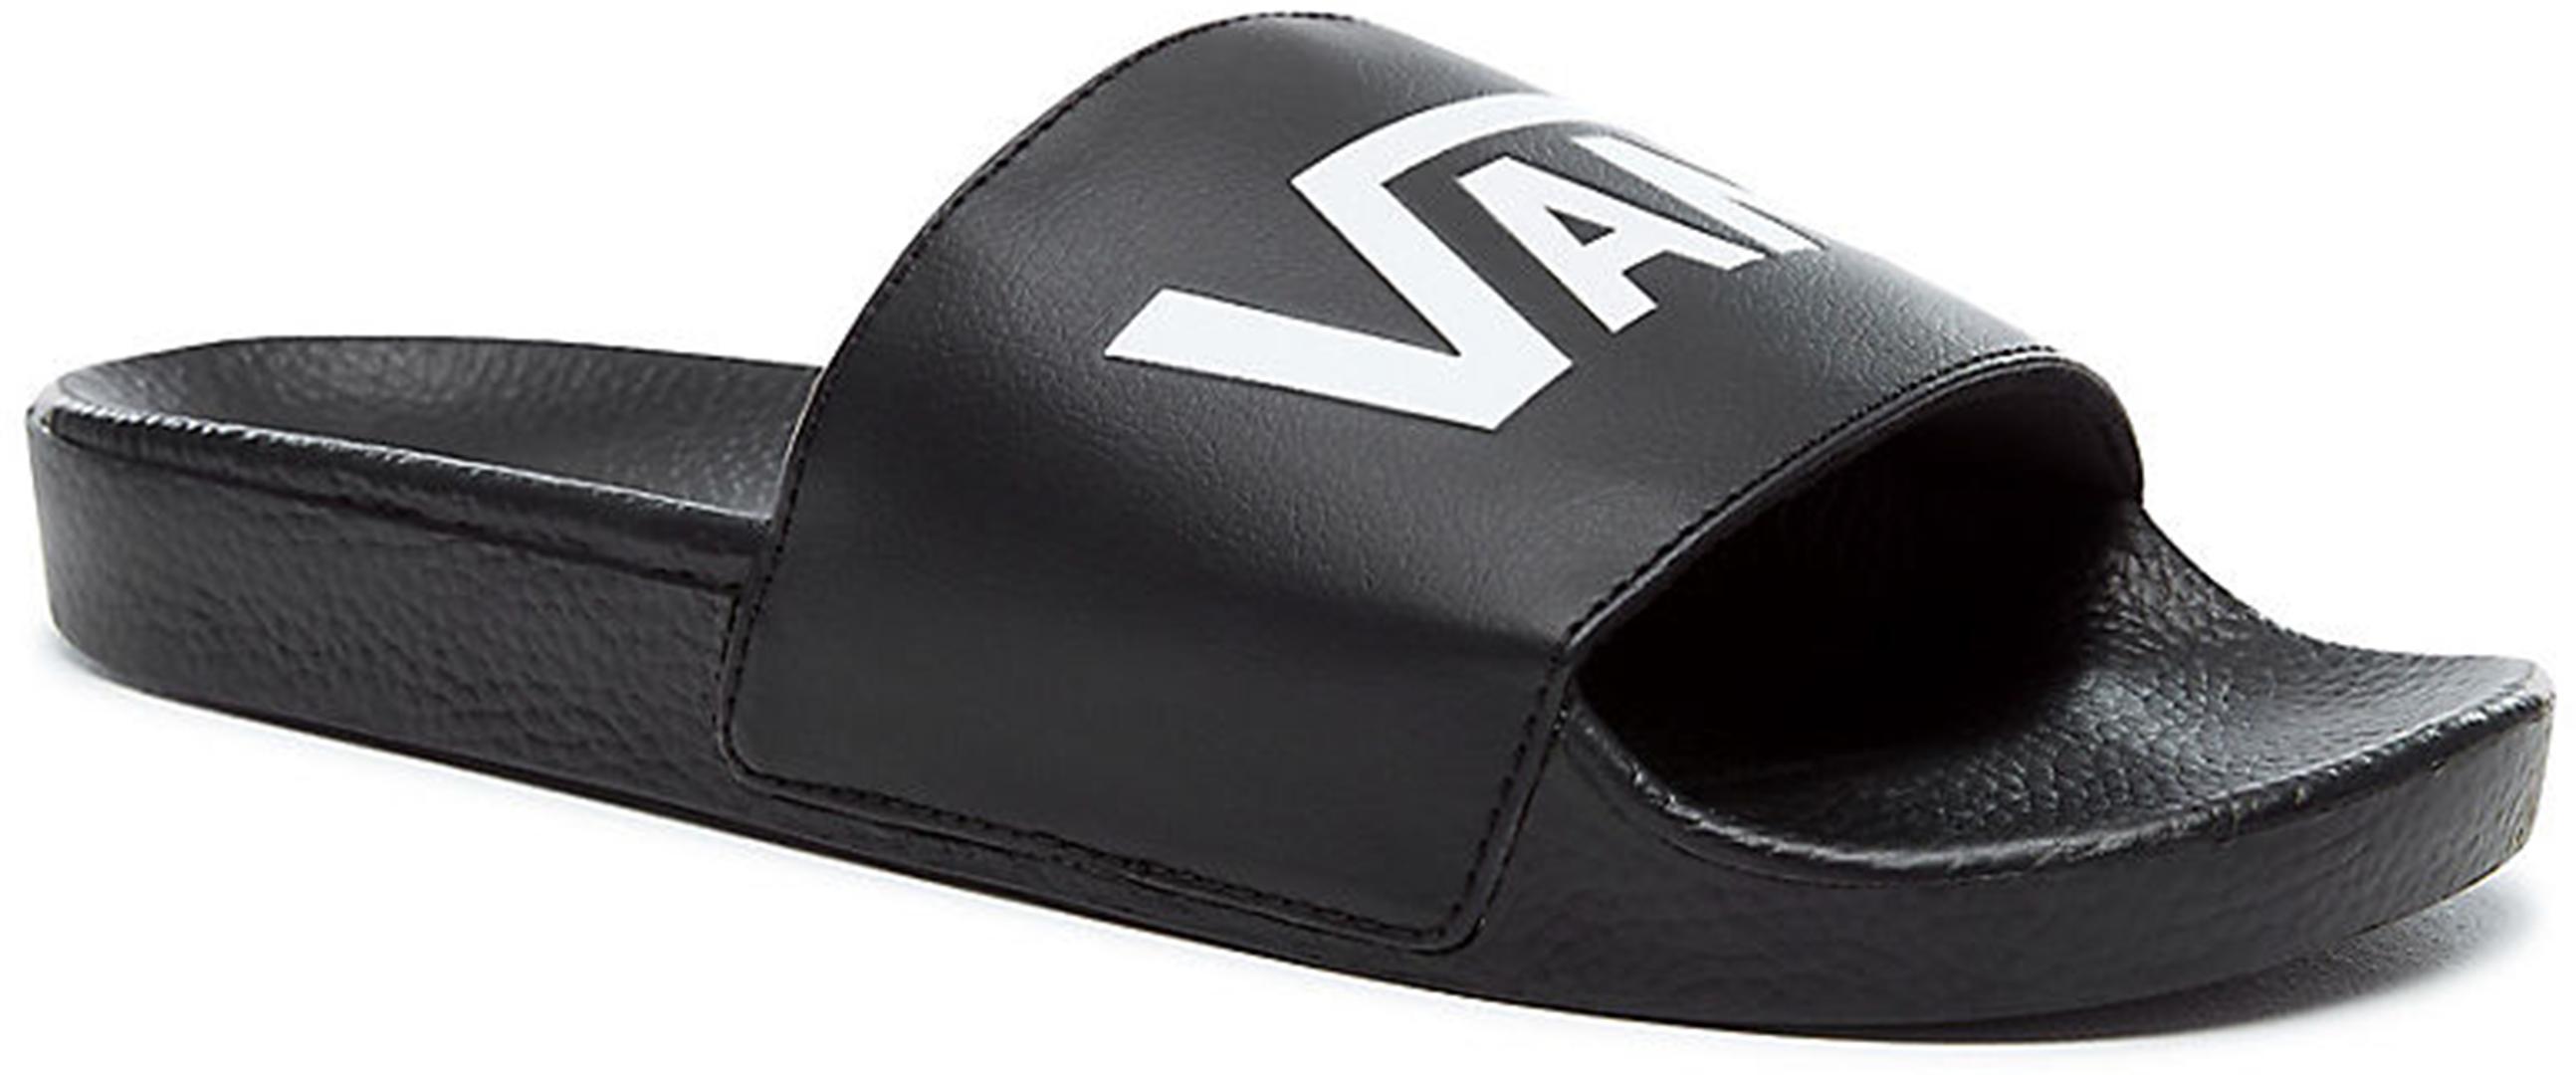 Vans Slide-On Sandalia 2018 Zapatos Negro Slap Zapatillas Baño Zapatos 2018 NUEVA ORIGINAL 2278b1